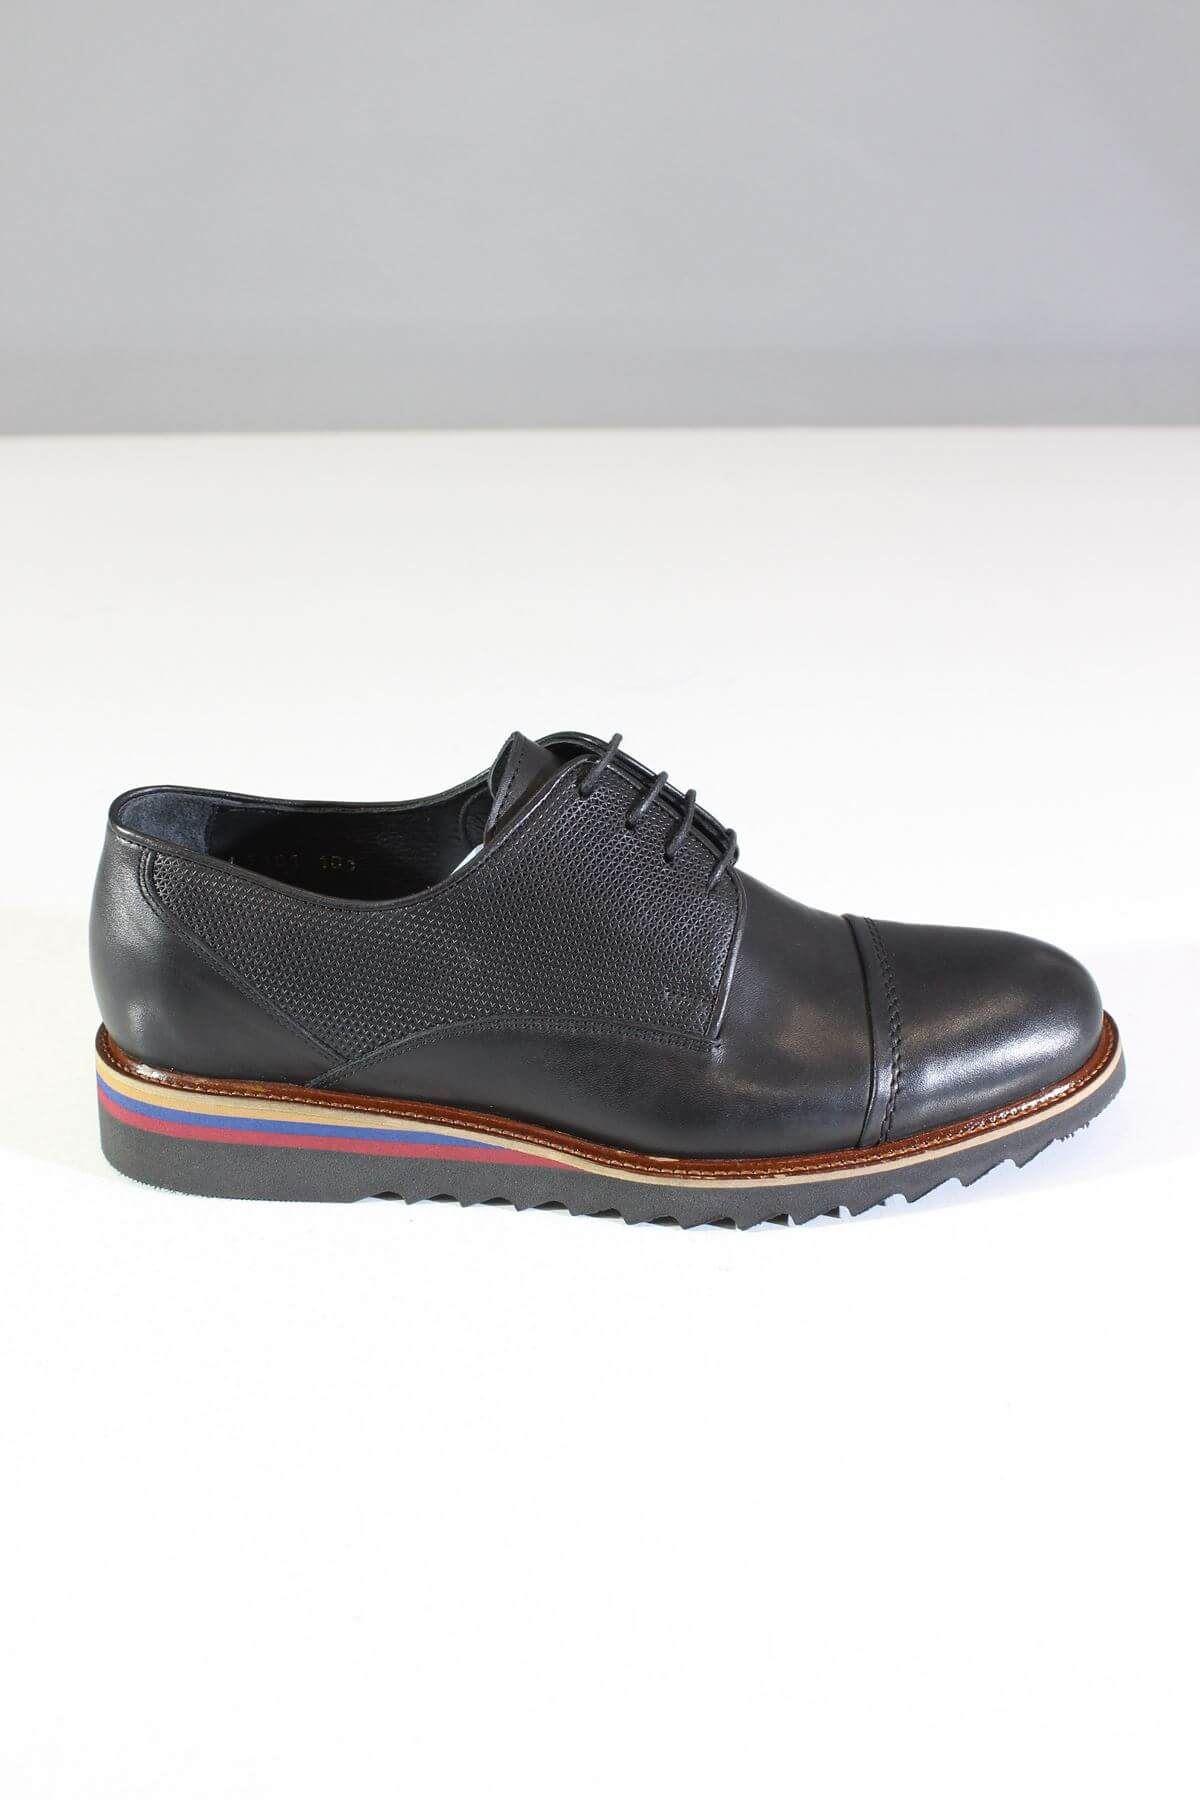 Trend Ayakkabı 0073 Siyah Erkek Casual Ayakkabı